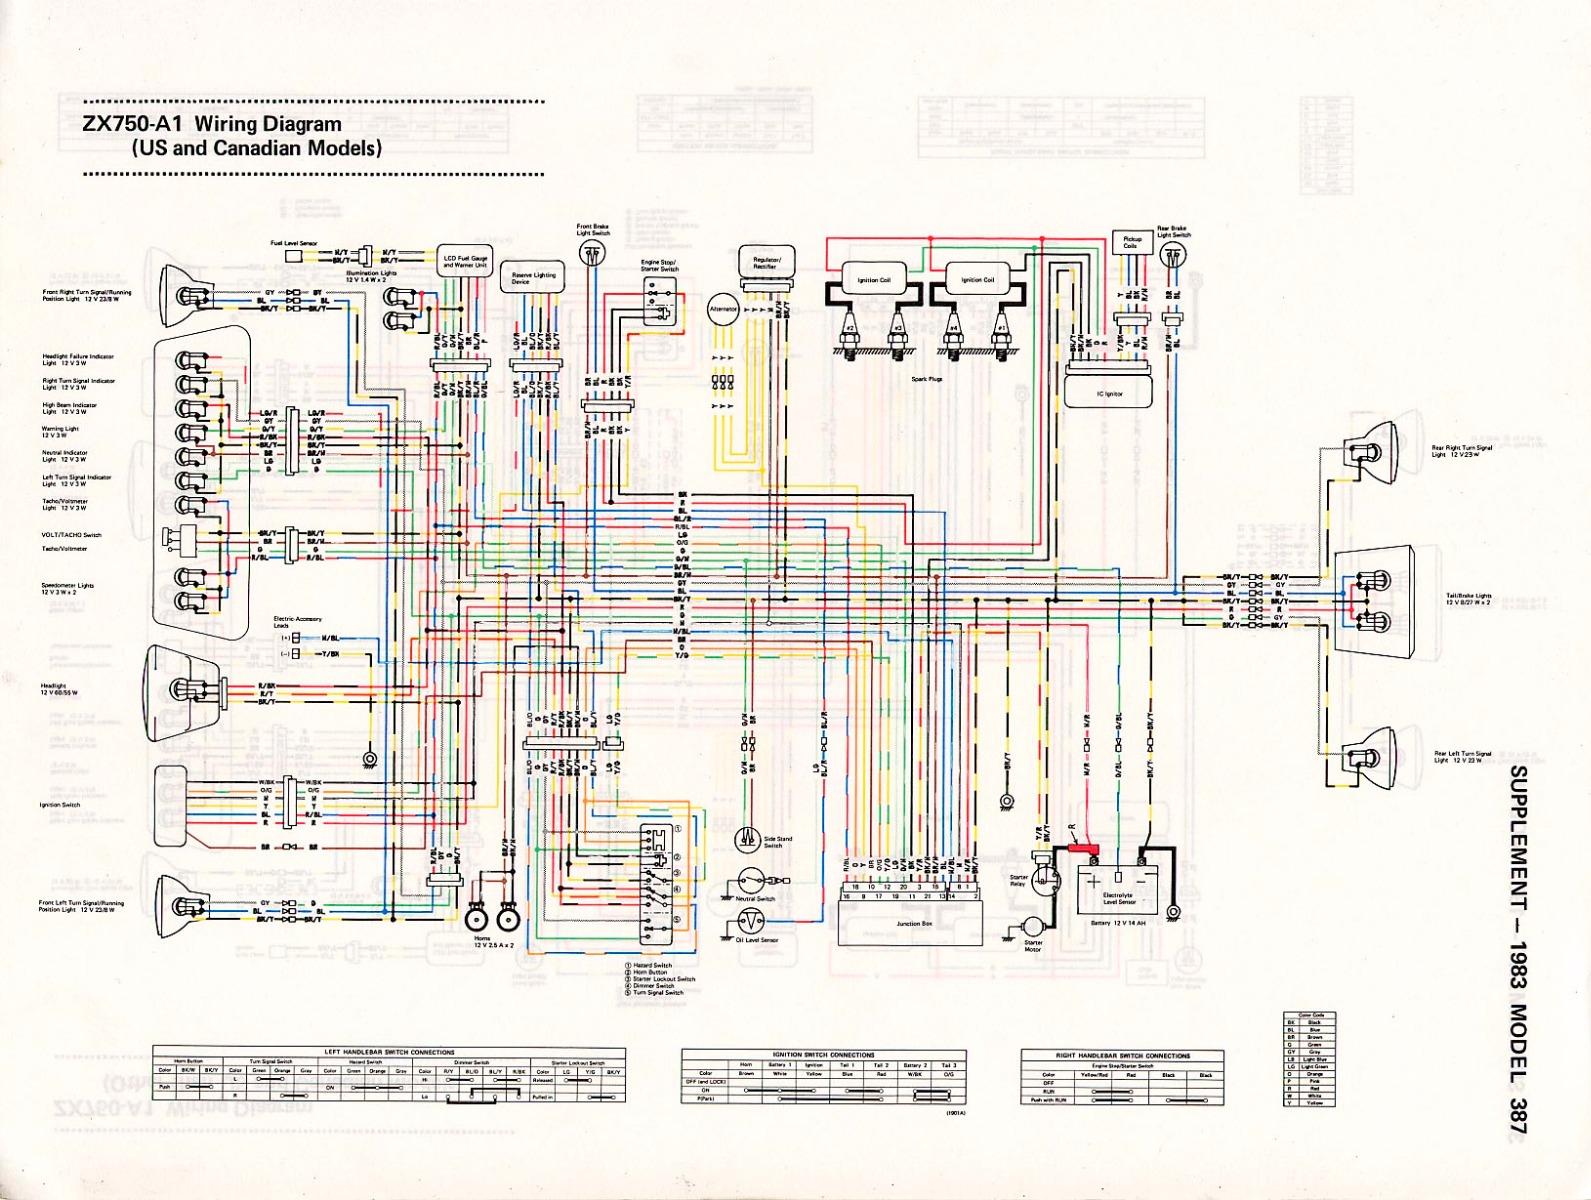 1983 gpz750 igniter wiring diagram - KZRider Forum - KZRider ... on light switch wiring diagram, 1973 chevy nova wiring diagram, 1996 jeep cherokee ac wiring diagram, kawasaki electrical wiring diagram, kawasaki atv wiring diagram,